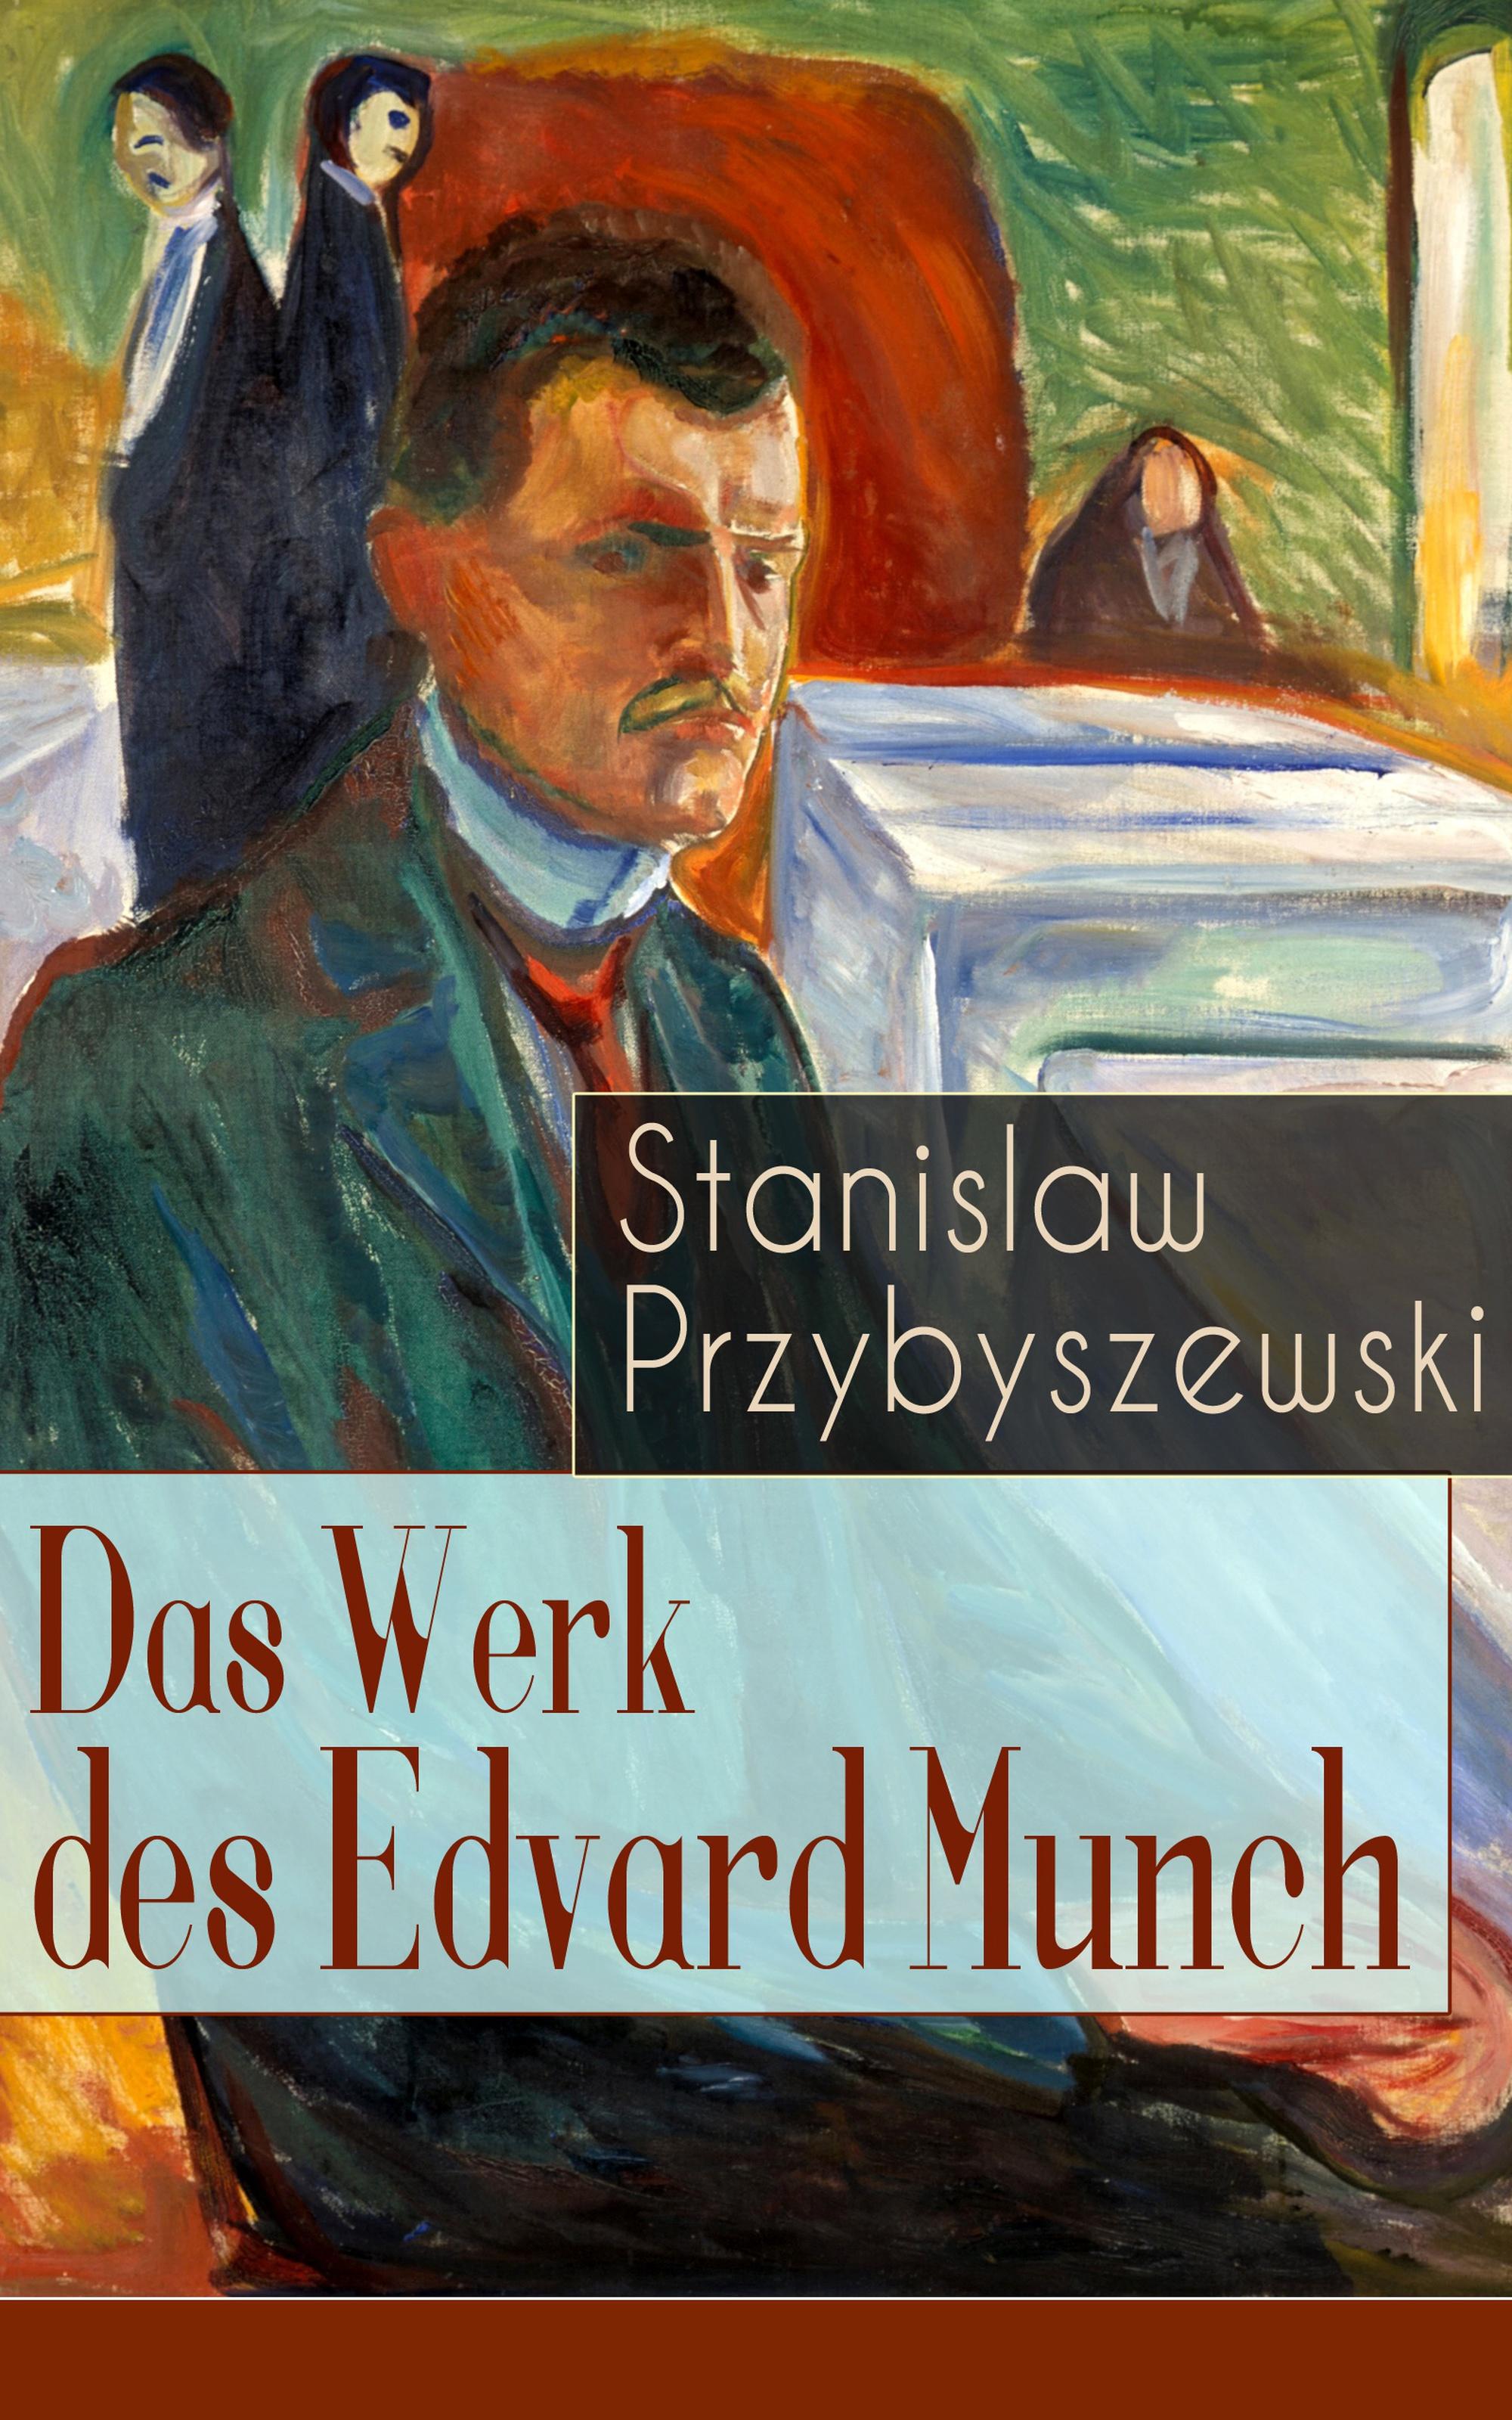 Stanislaw Przybyszewski Das Werk des Edvard Munch